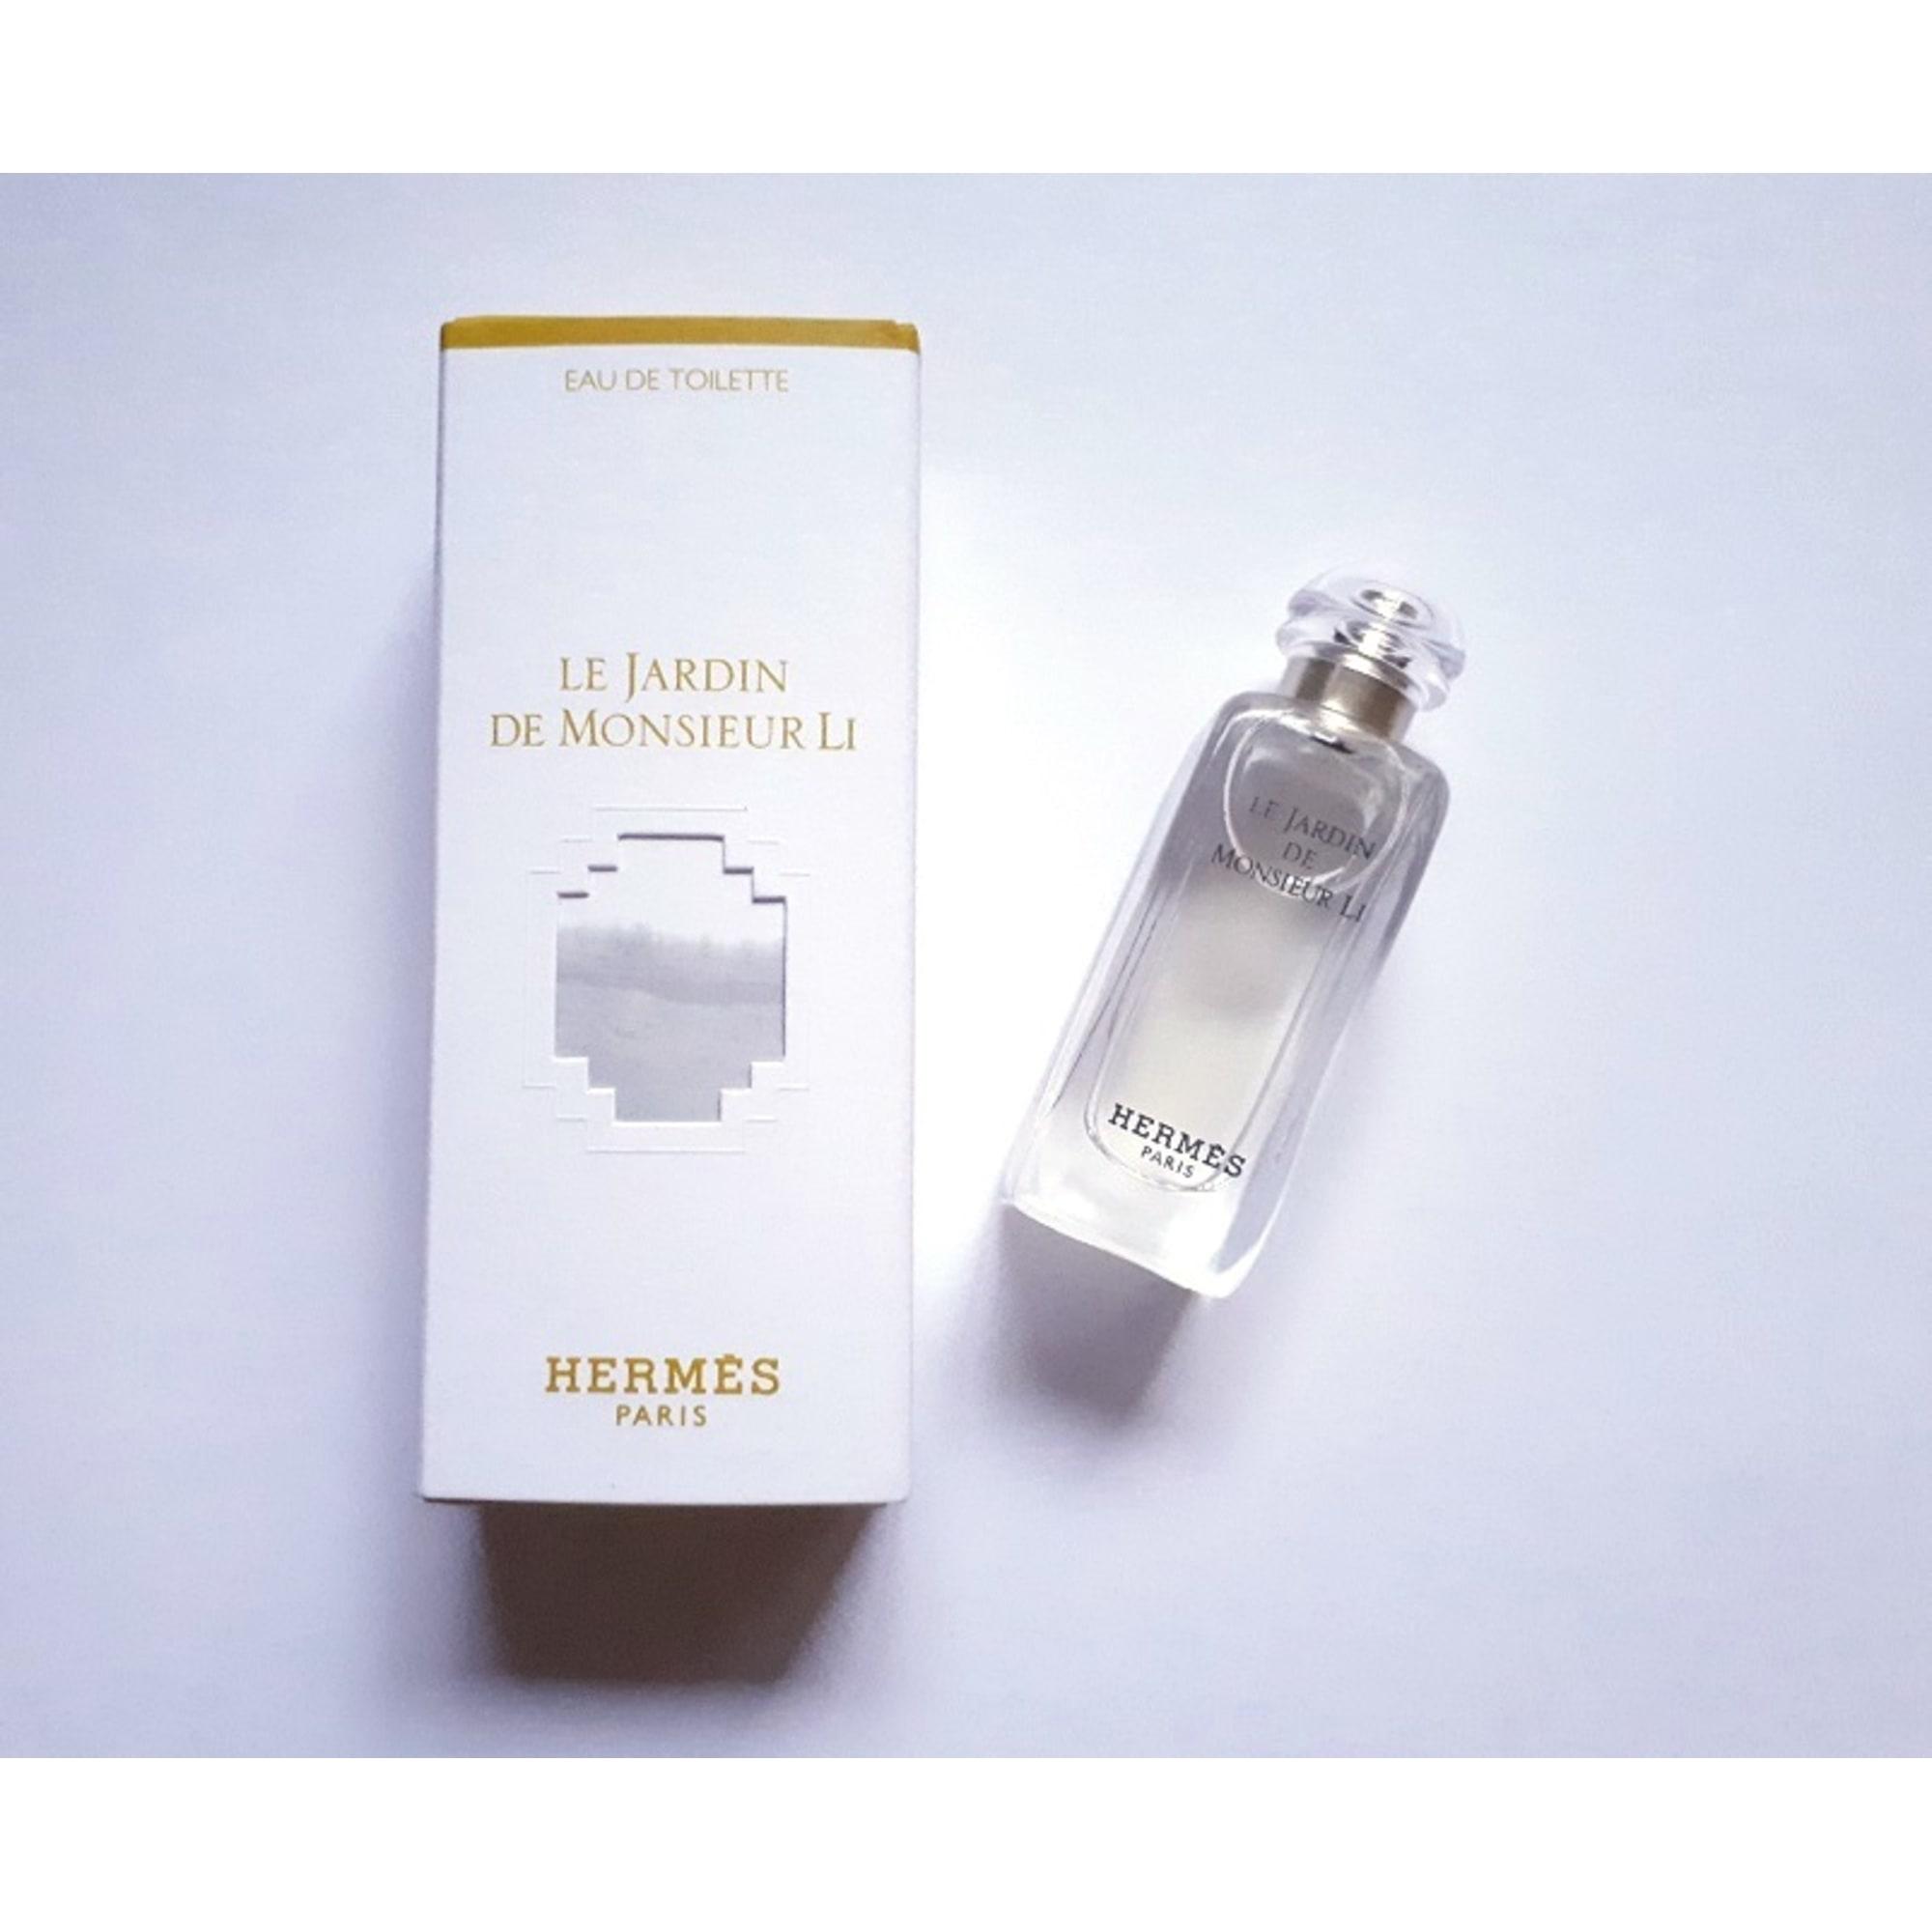 Miniature Parfum Miniature Hermès Parfum Miniature Miniature Parfum Hermès Hermès Hermès Parfum Rjq5cL34A